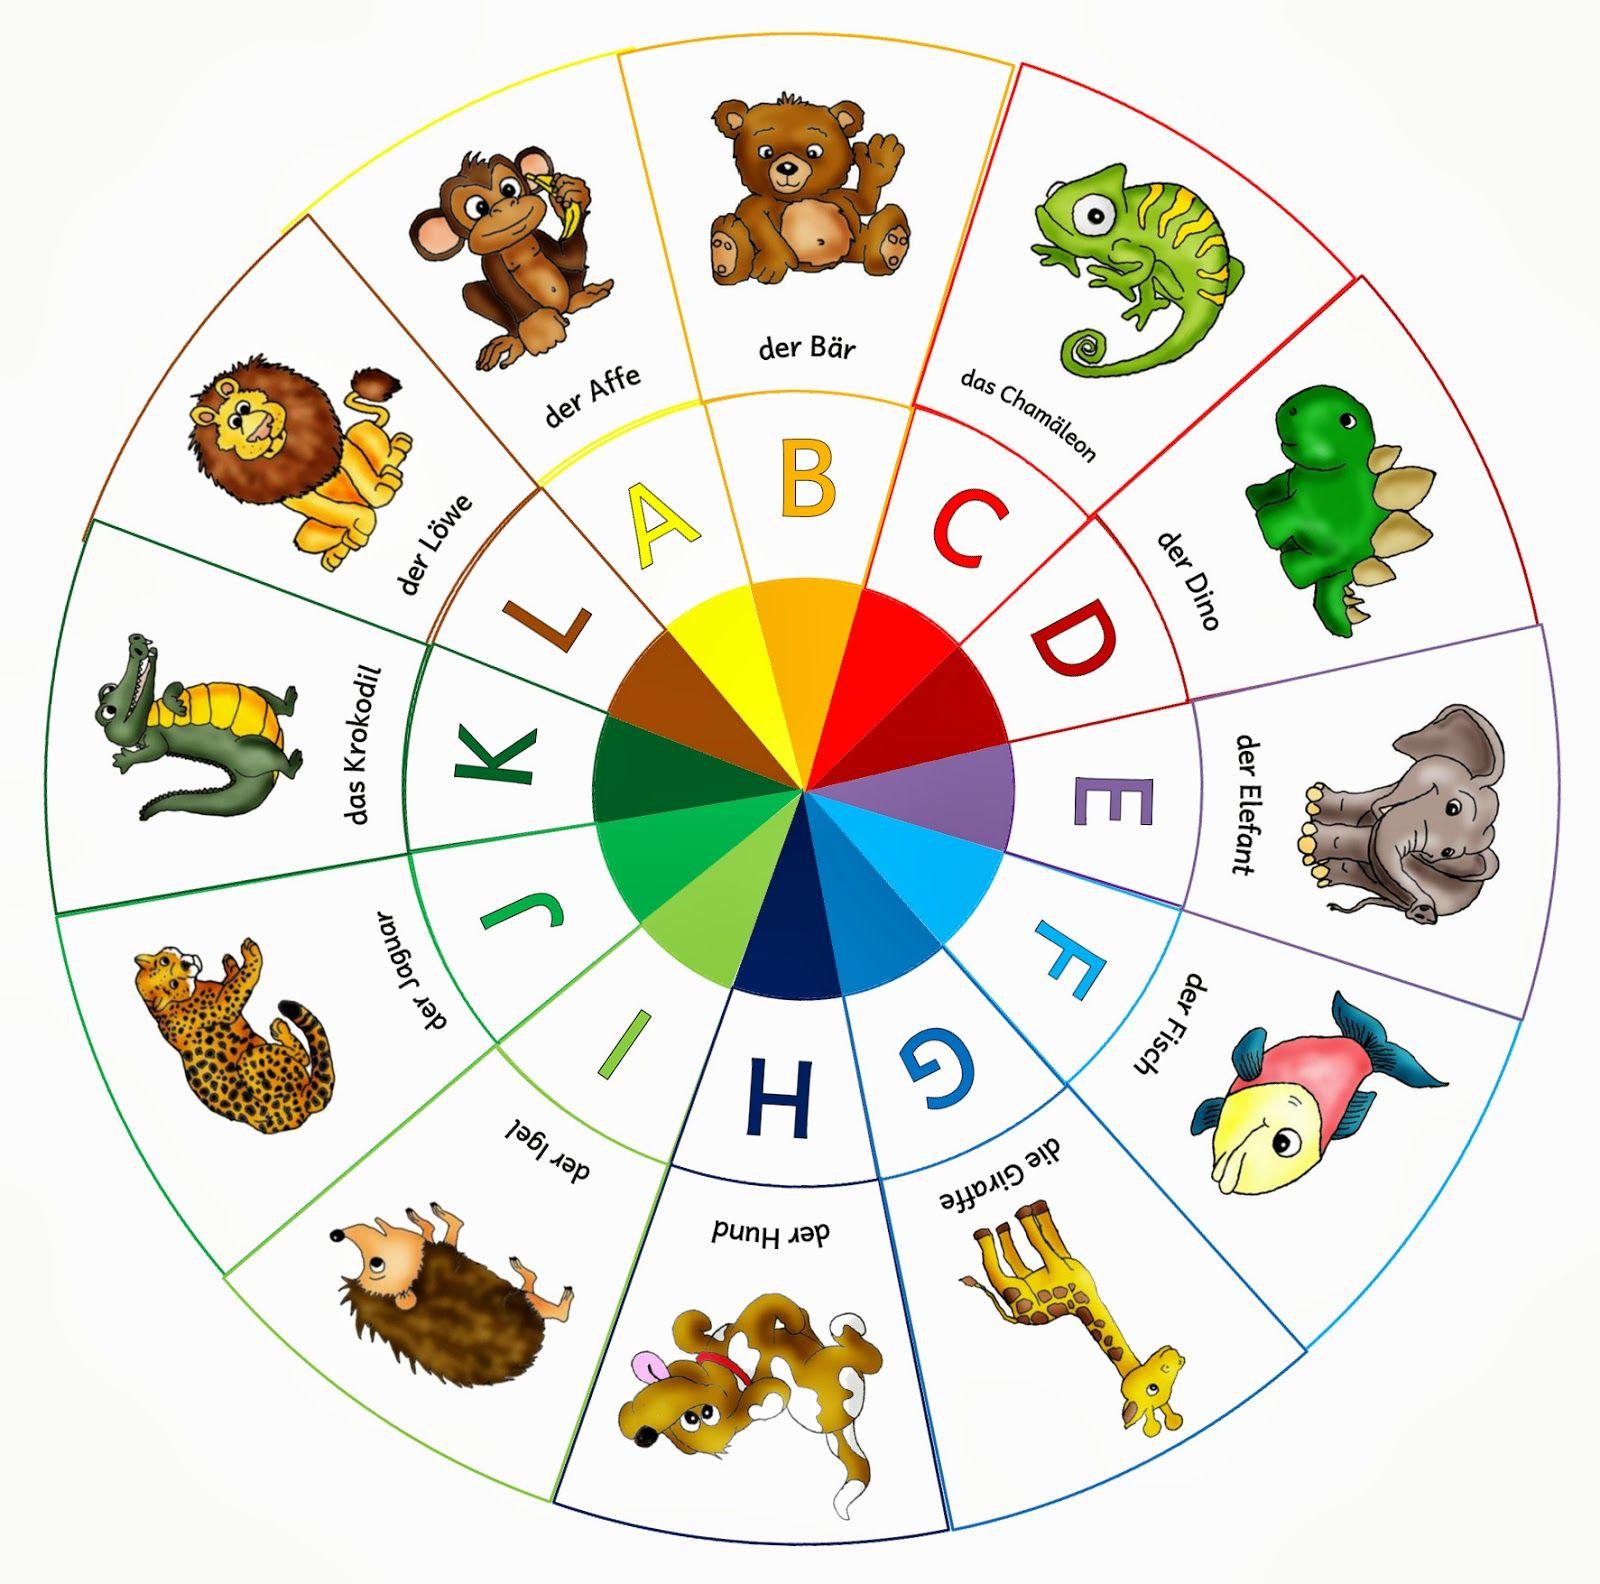 Abc-Legekreis (Mit Bildern) | Krabbelwiese, Deutsch Kinder ganzes Abc Alphabet Deutsch